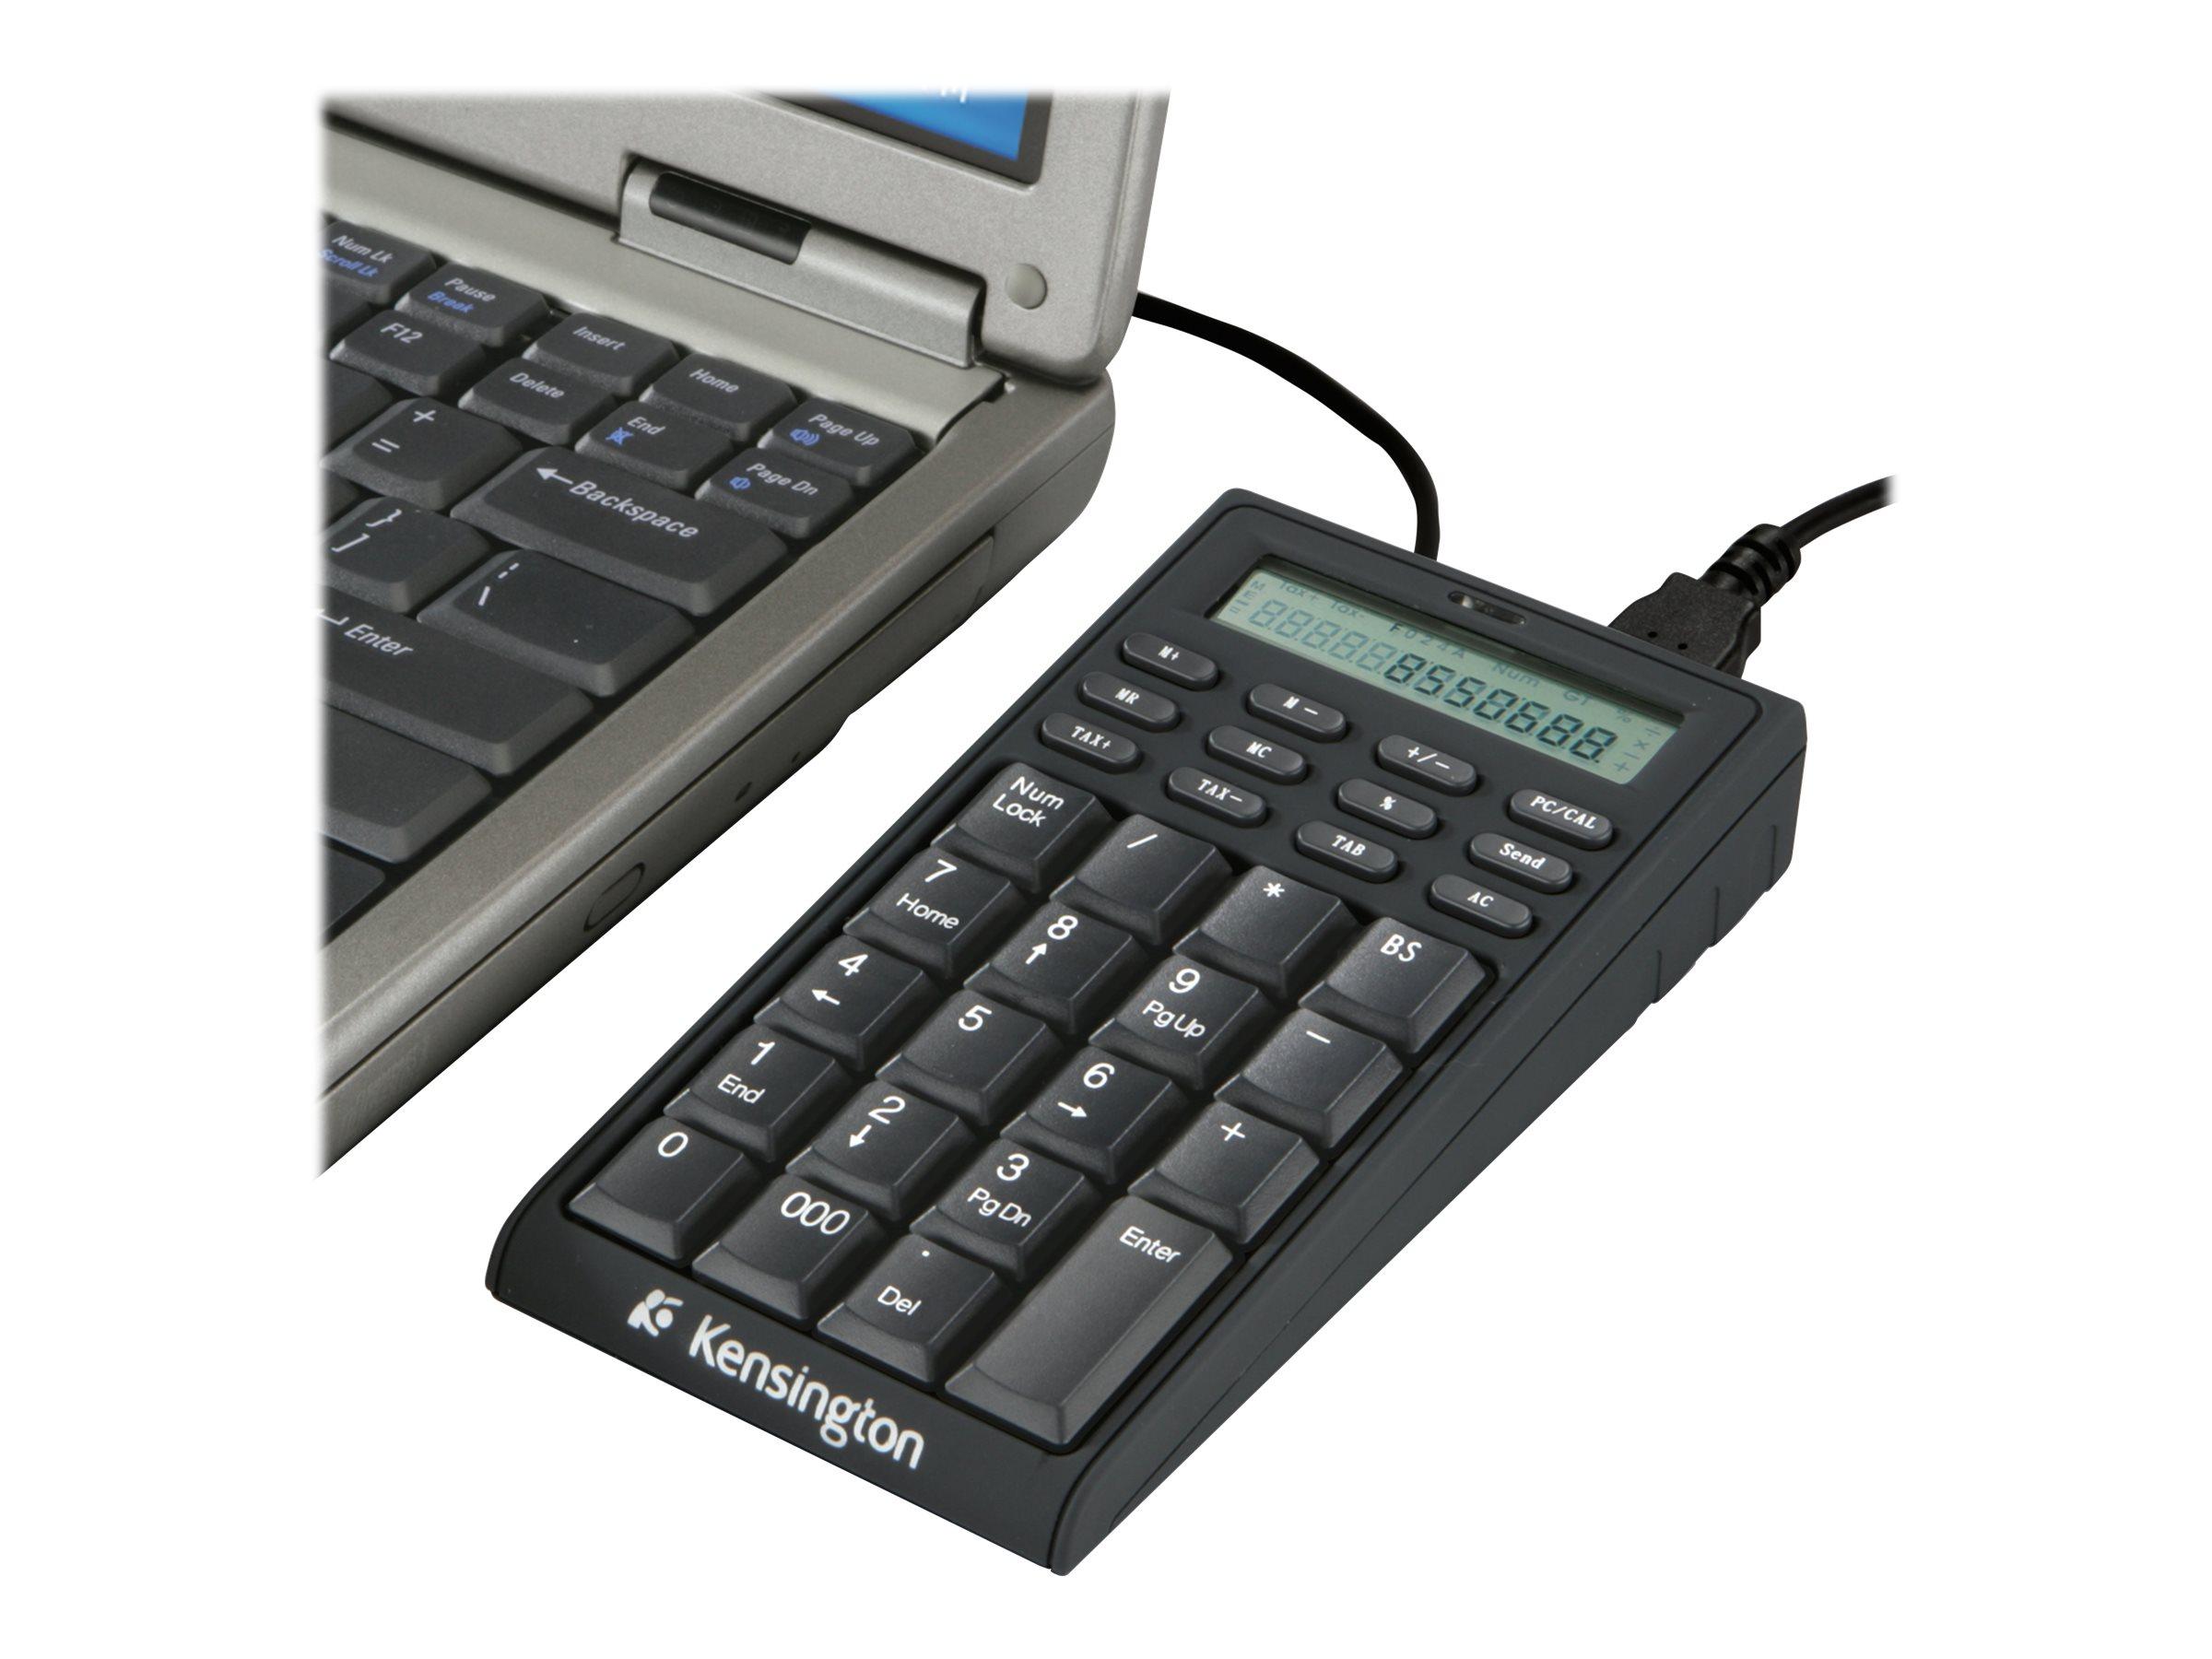 Kensington Notebook Keypad/Calculator with USB Hub - keypad - US - black